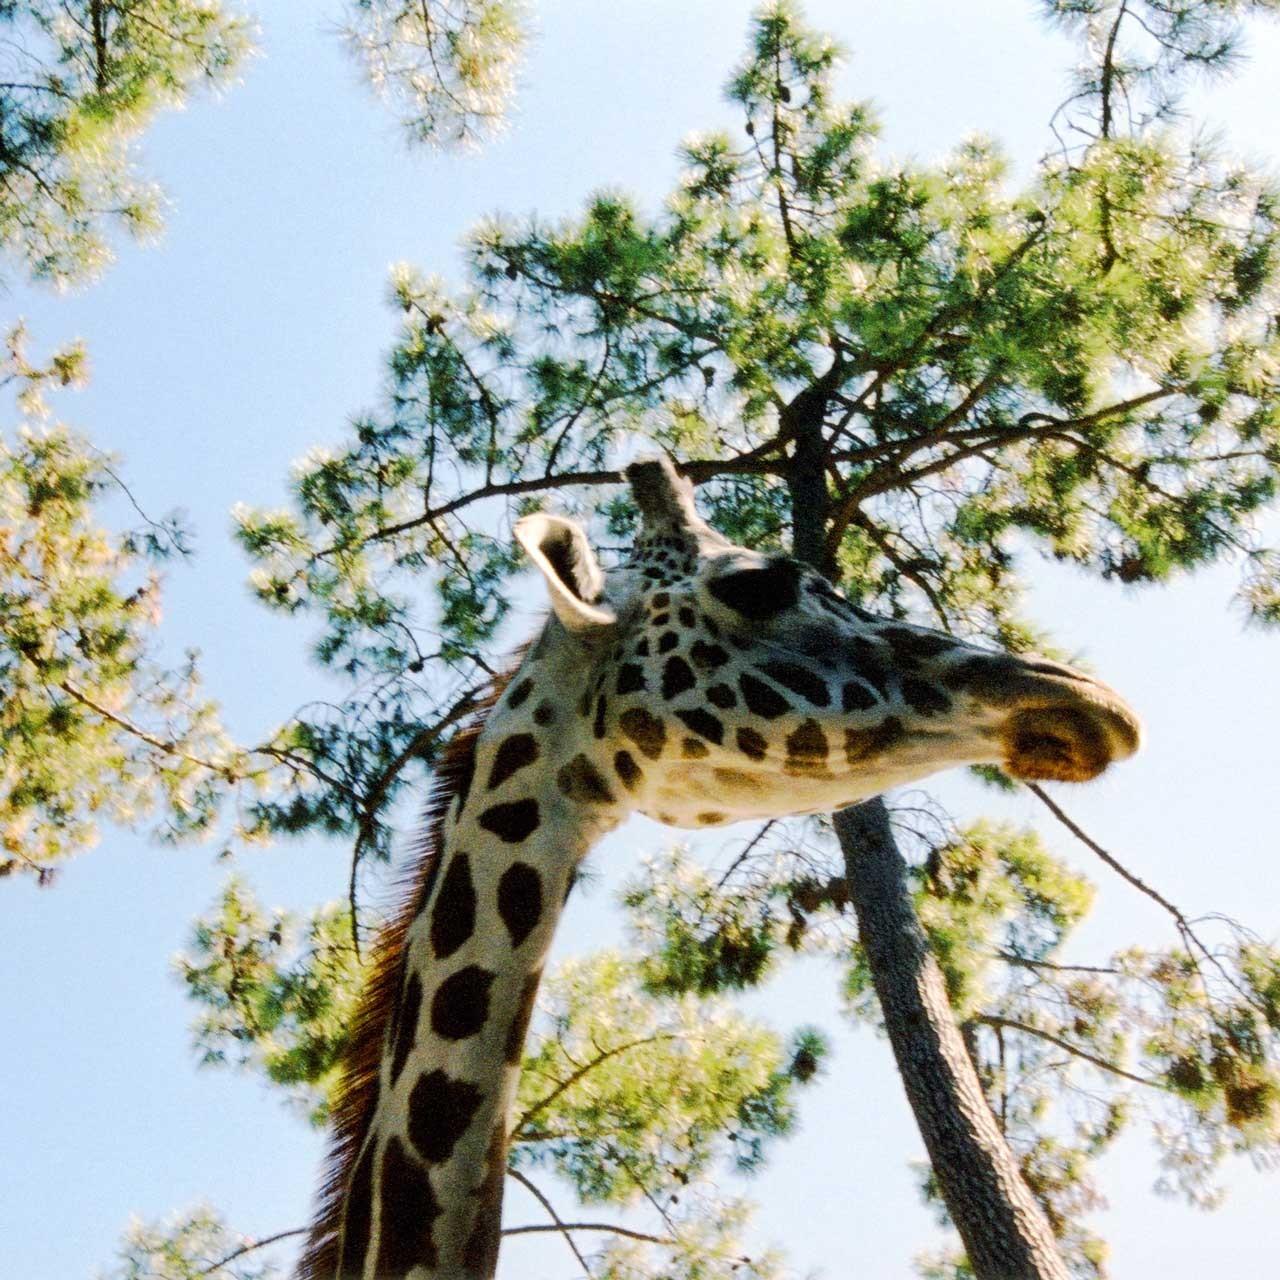 Laure-Maud_06_photographe_girafe_1